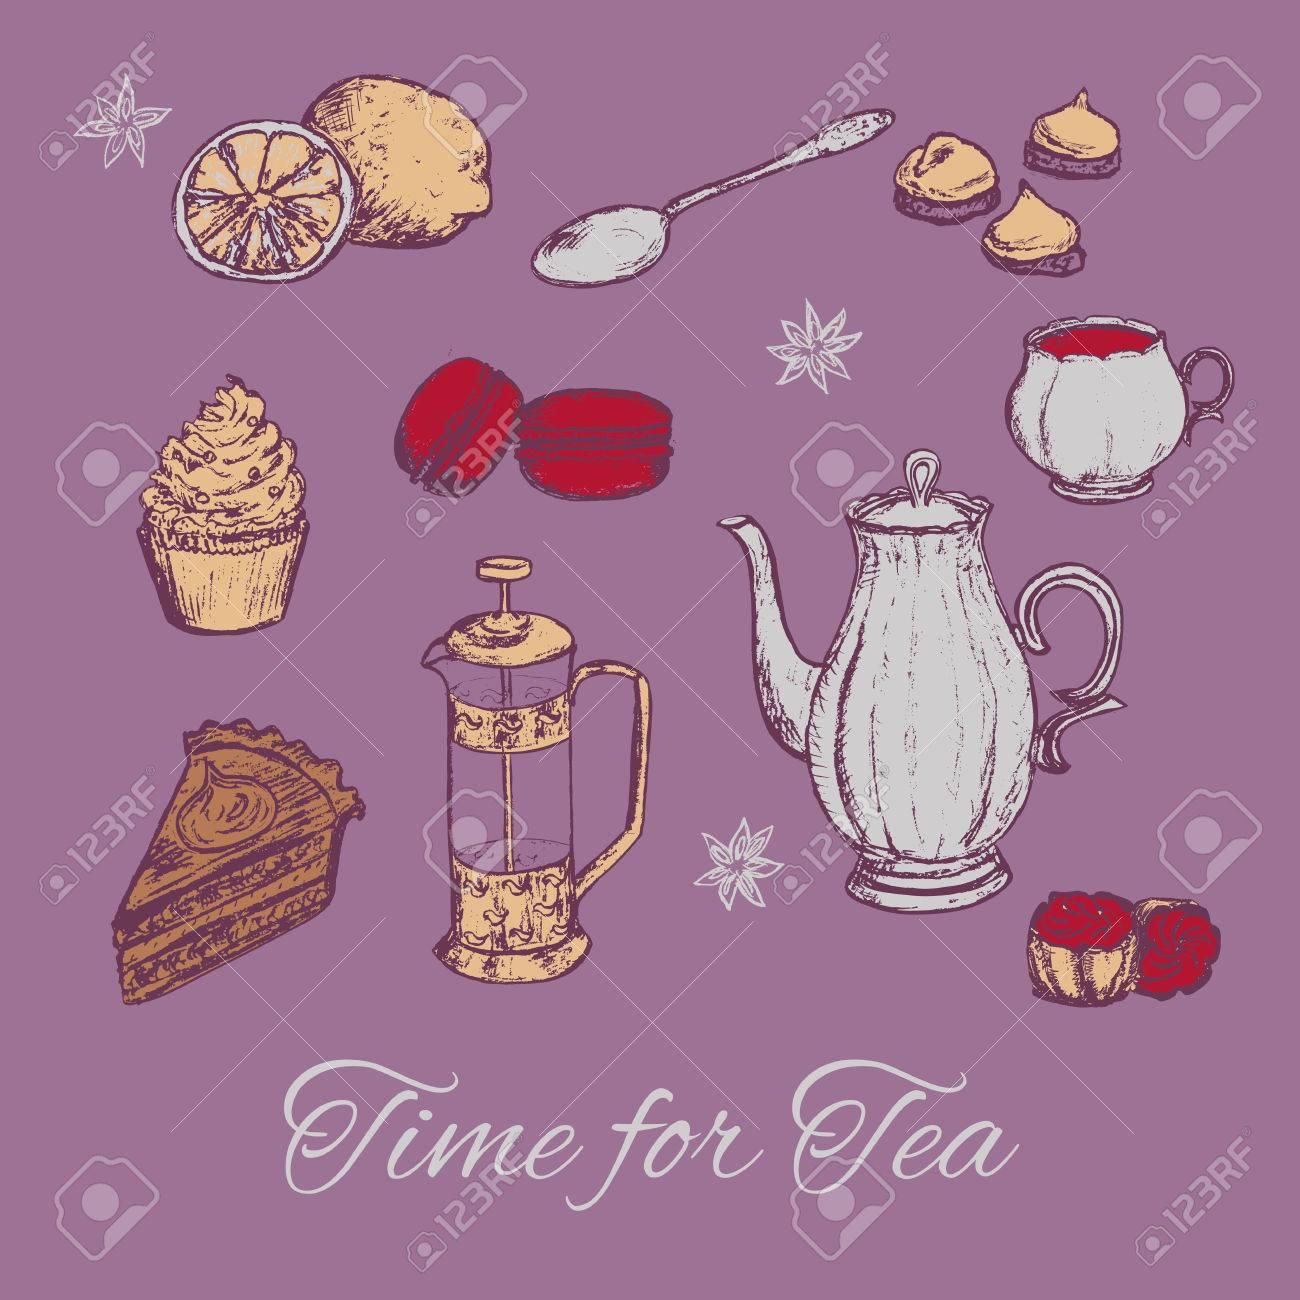 Wunderbar Ideen Für Eine Küche Tee Einladung Bilder - Küchen Design ...